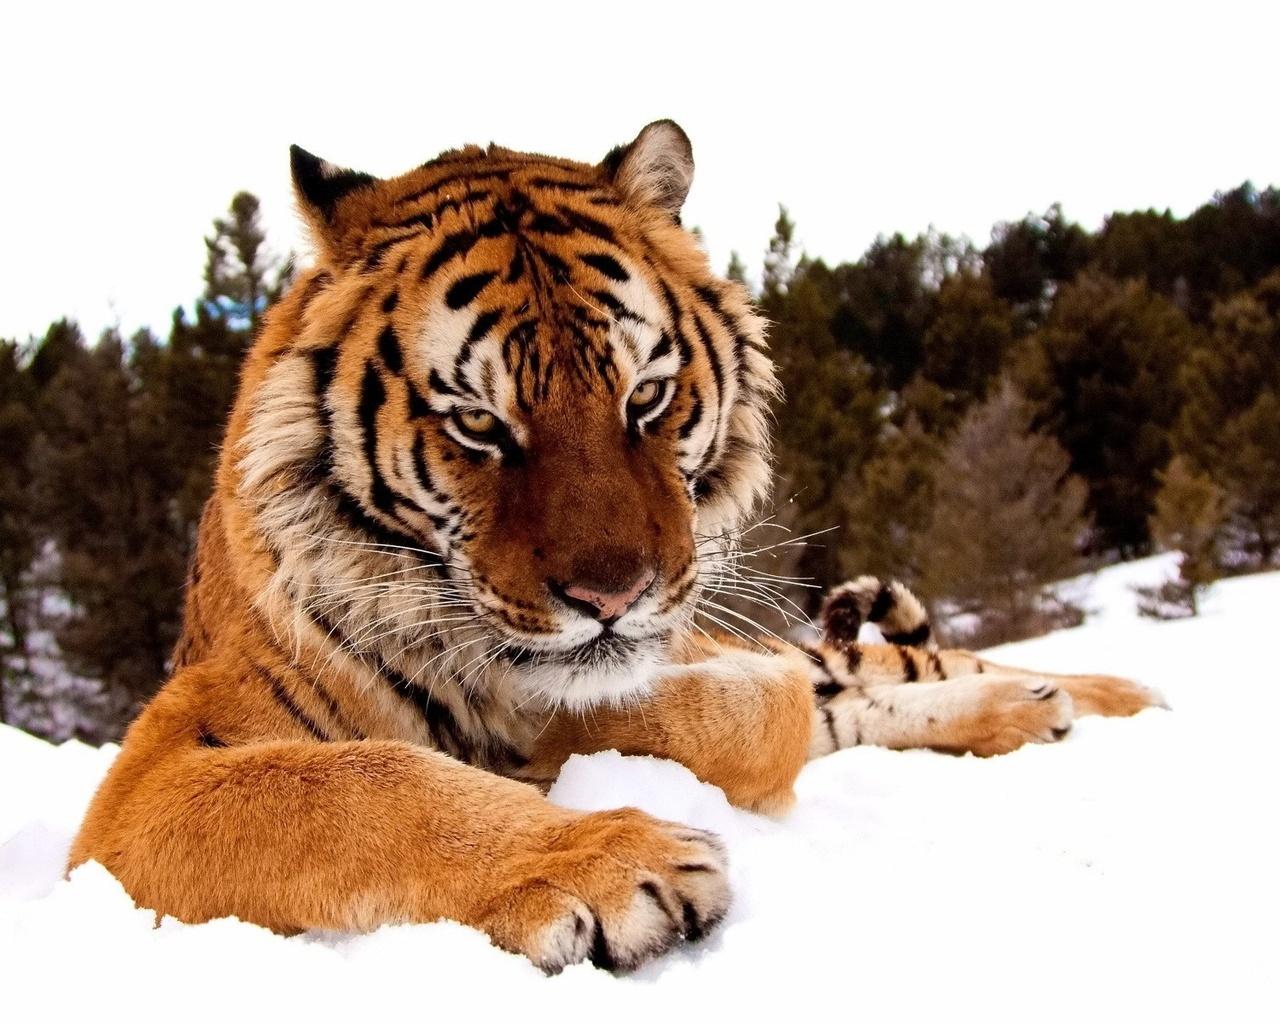 16751 descargar fondo de pantalla Animales, Tigres: protectores de pantalla e imágenes gratis